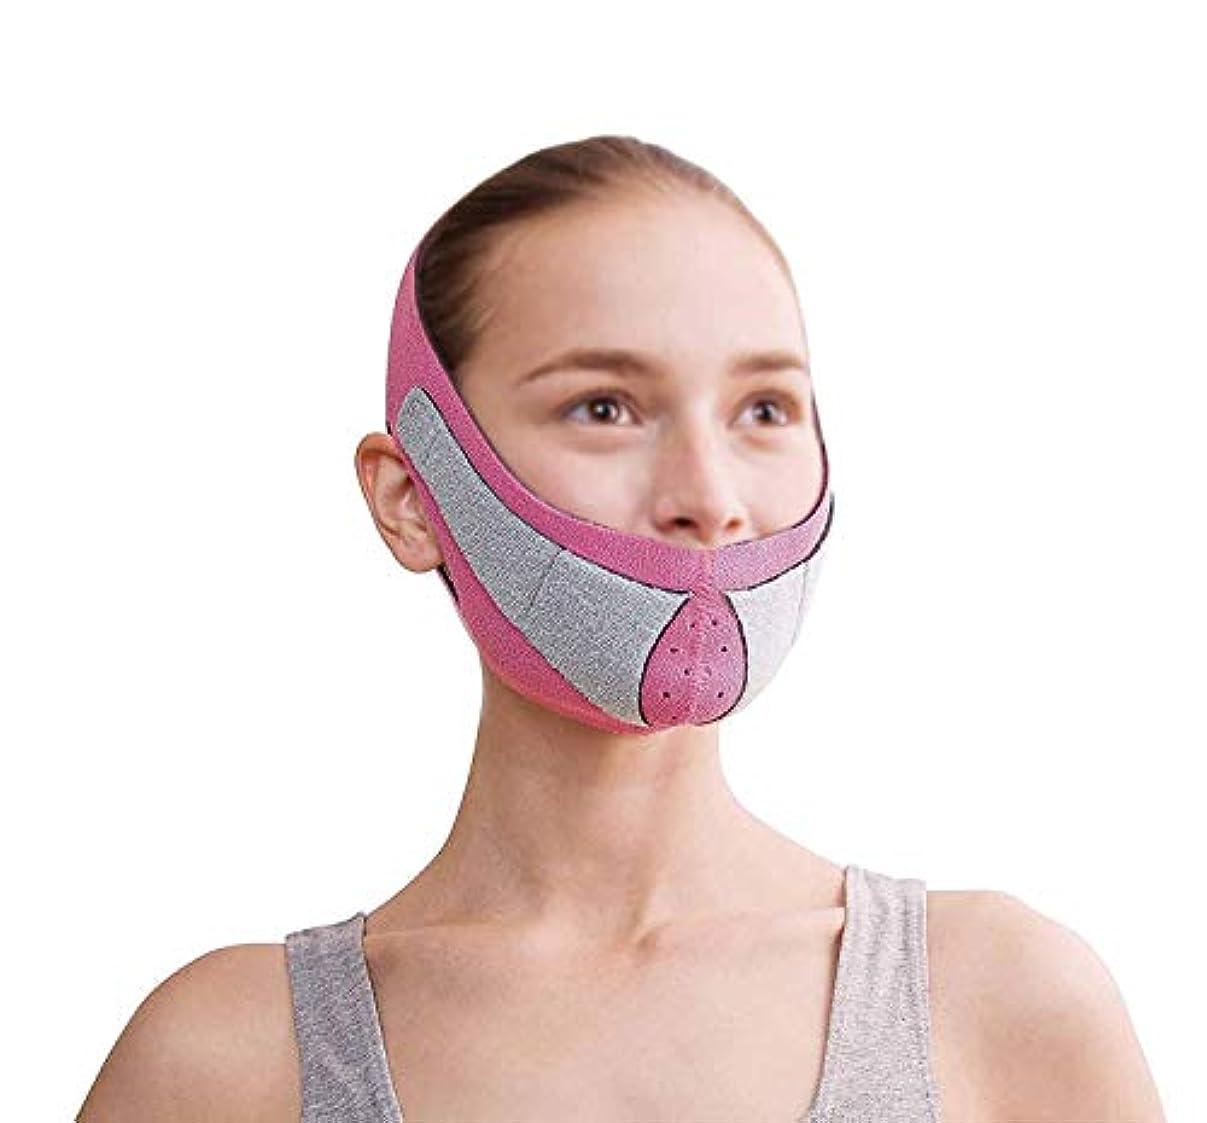 リスキーなフィクションアスリートフェイスリフトマスク、顔のMaskplus薄いフェイスマスクタイトなたるみの薄いフェイスマスク顔の薄いフェイスマスクアーティファクトネックストラップ付き